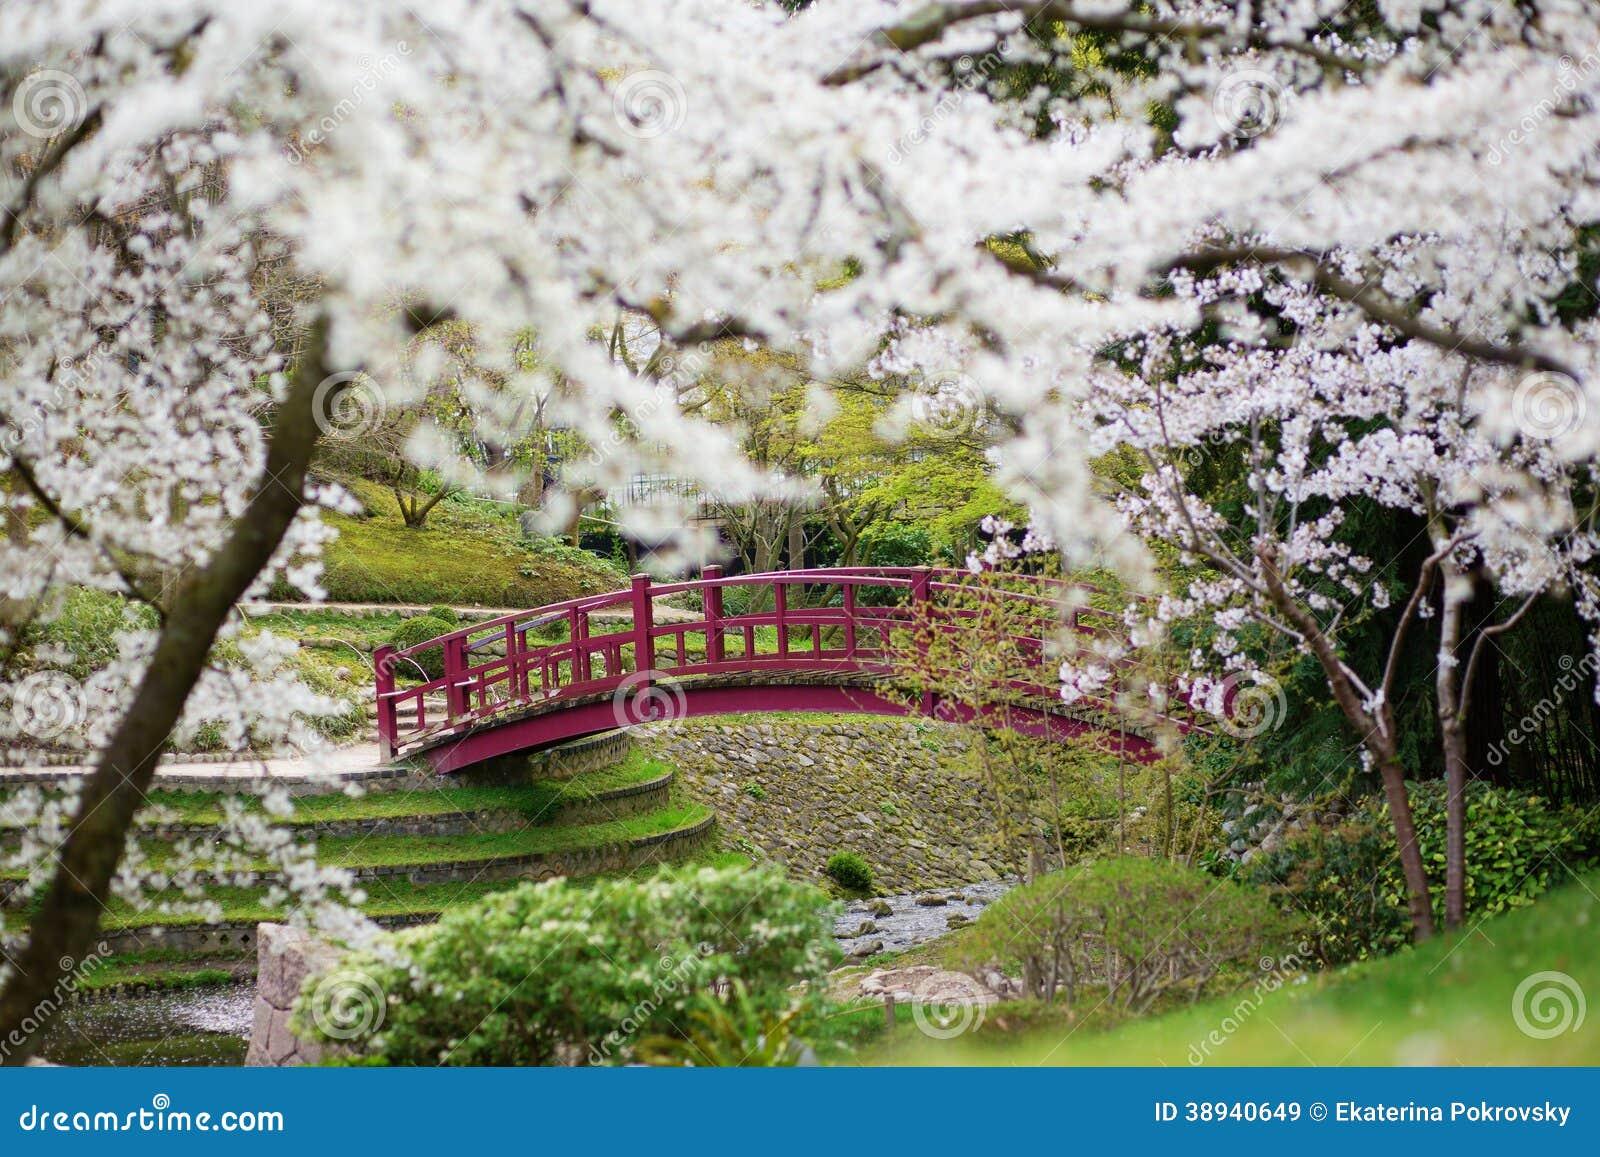 Flores de cerezo en un jard n japon s imagen de archivo imagen de estaci n escena 38940649 - Plantas jardin japones ...